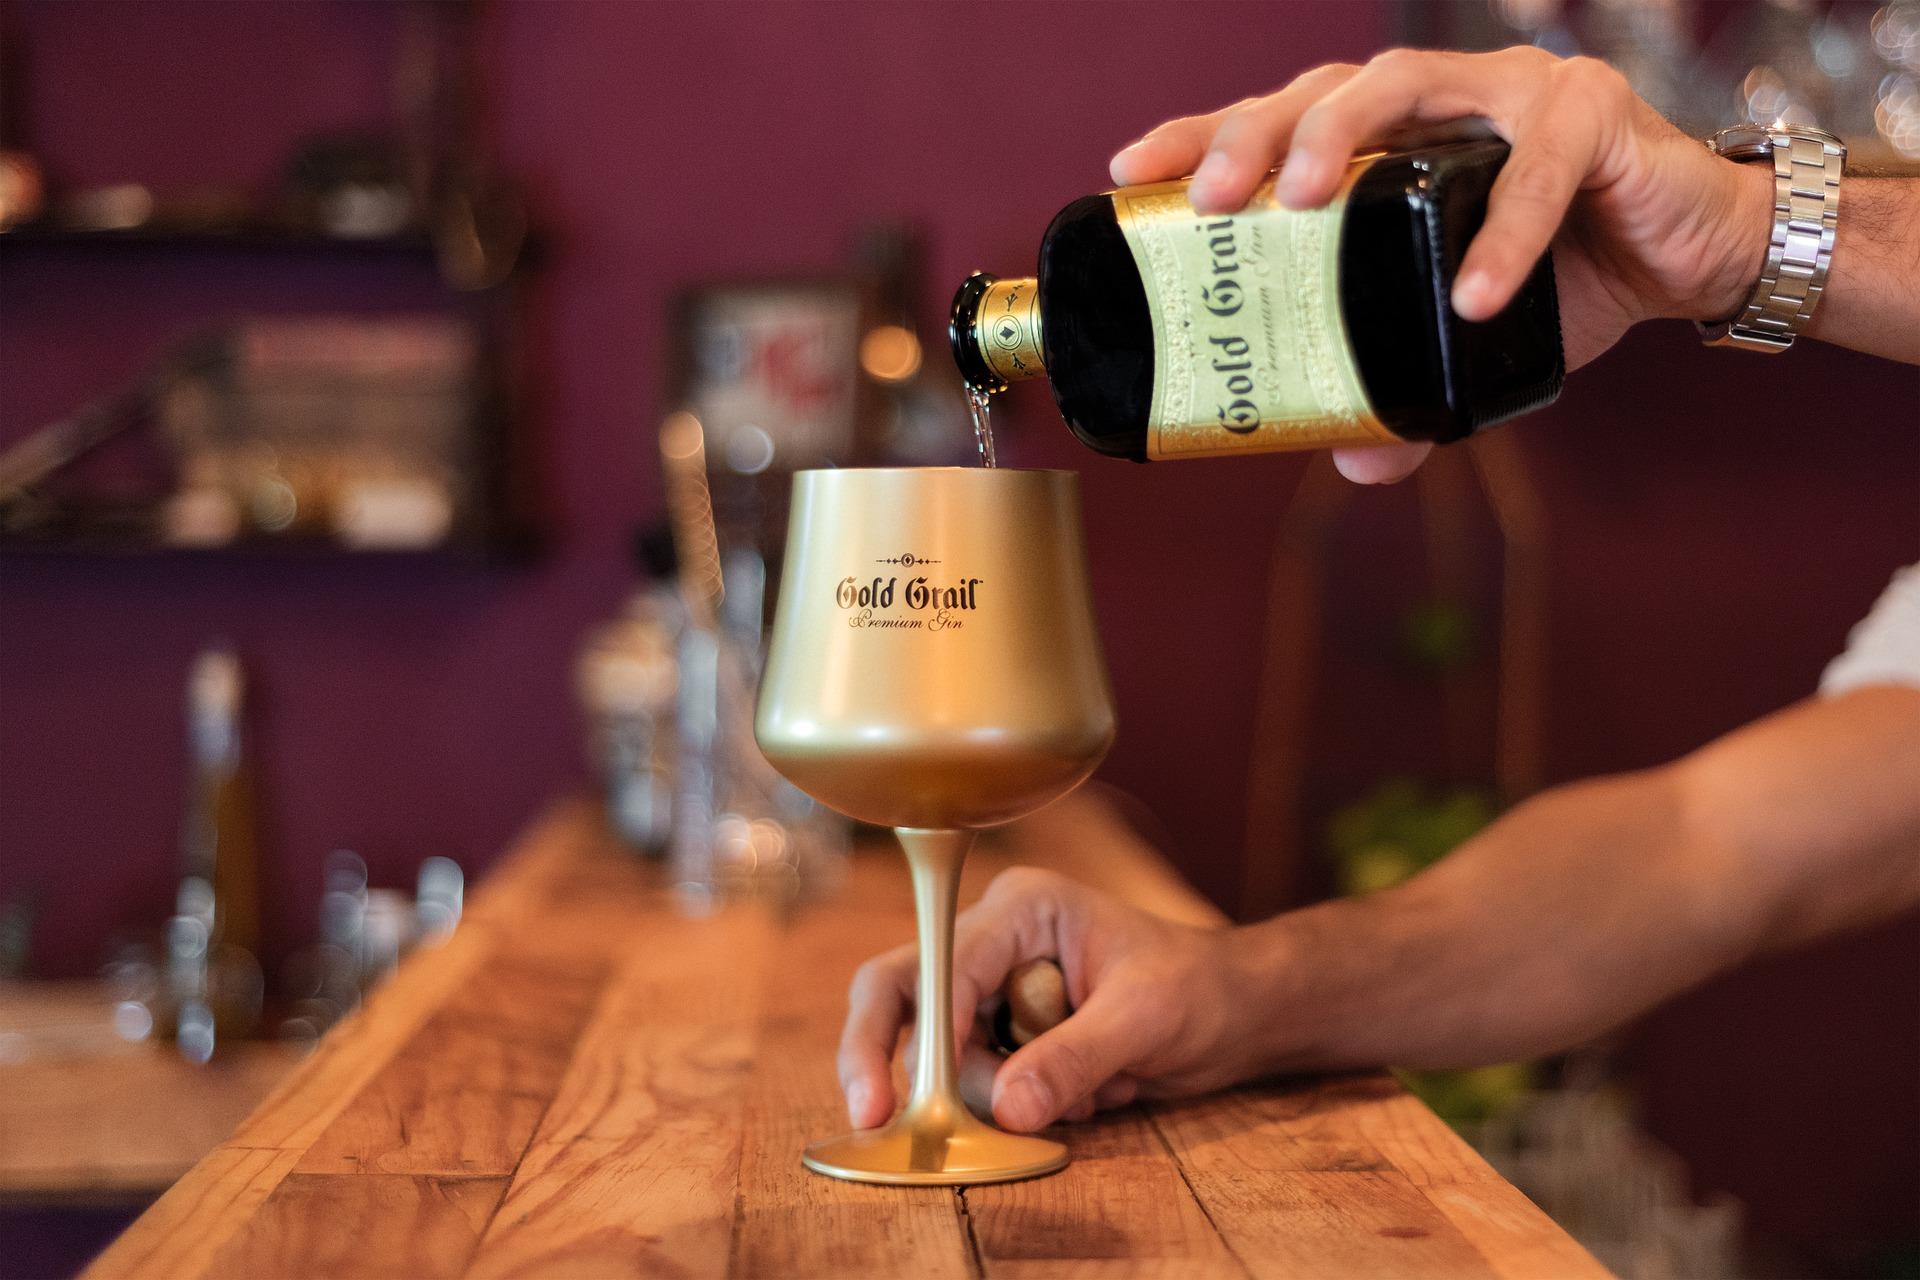 Los bares de copas y discotecas podrán abrir en Fase 3 con un tercio del aforo - La Viña